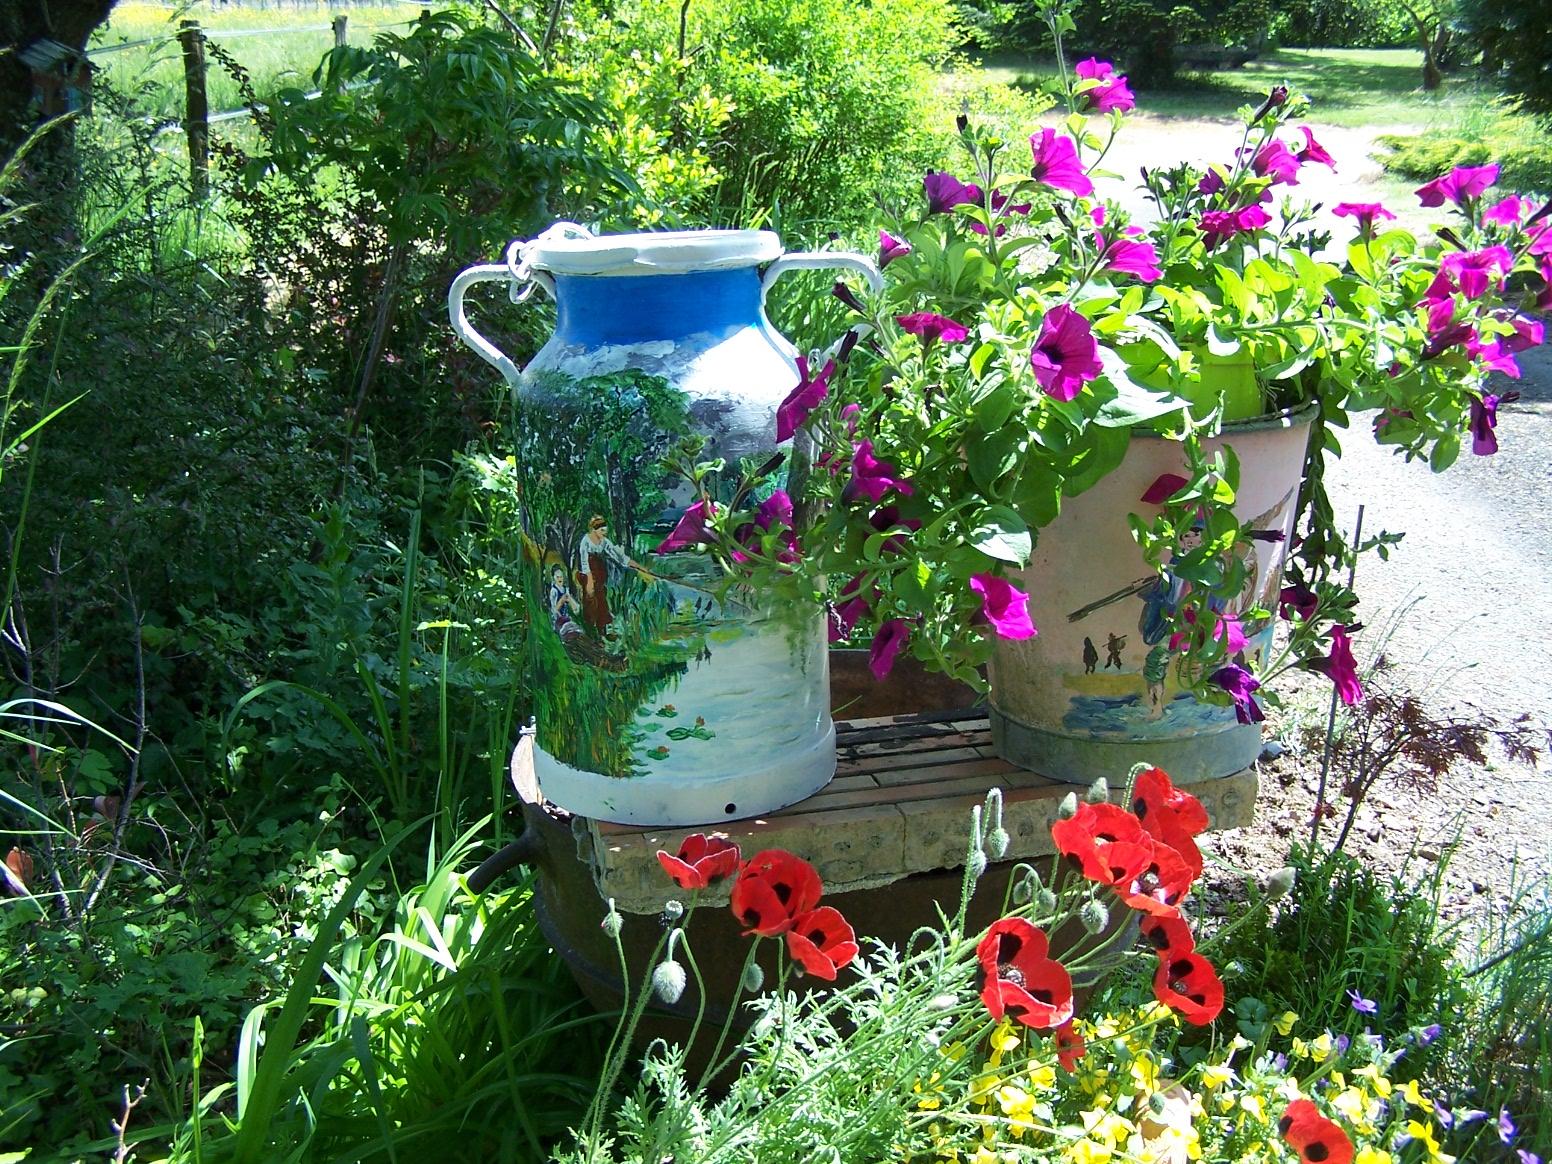 Bienvenue dans mon jardin a fill sur sarthe histoire du for Bienvenue dans mon jardin